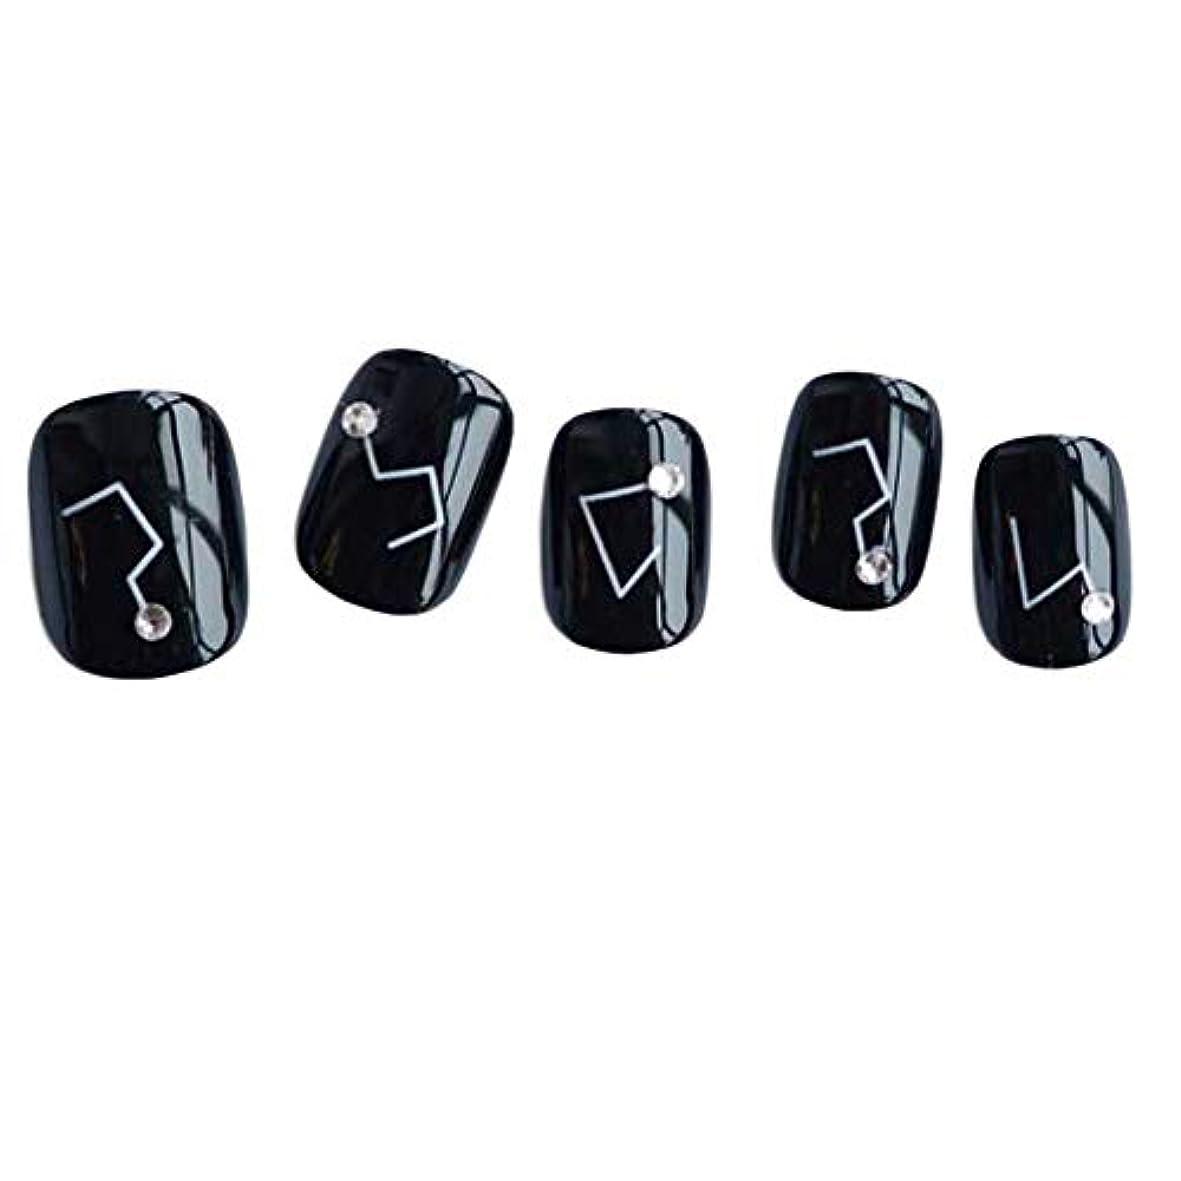 状況子犬密星座 - 黒い短い偽の指爪人工爪の装飾の爪のヒント